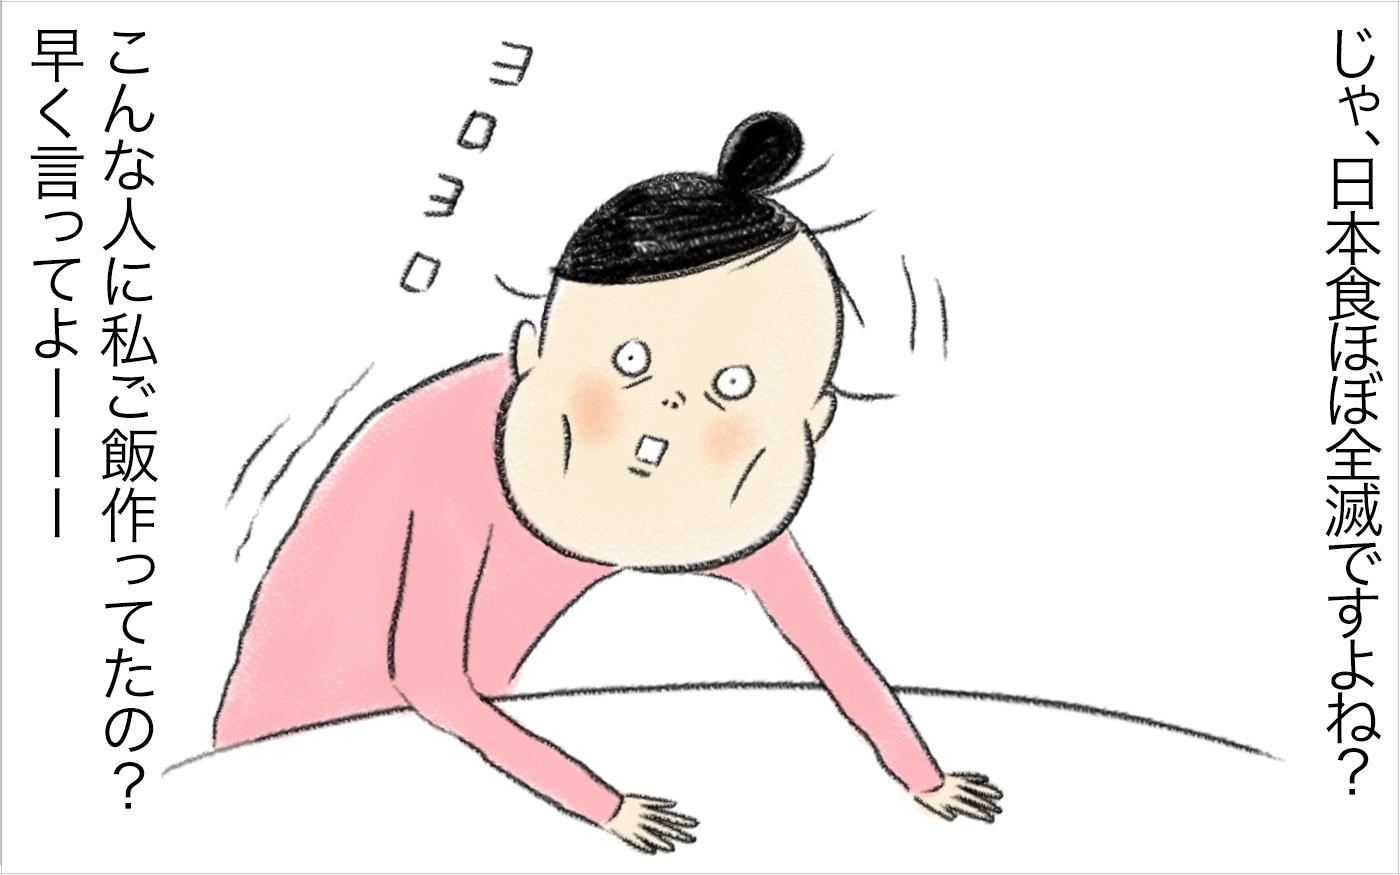 スイス人夫は日本の出汁を受け付けない!? 夫が日本食を受け付けない理由が判明!